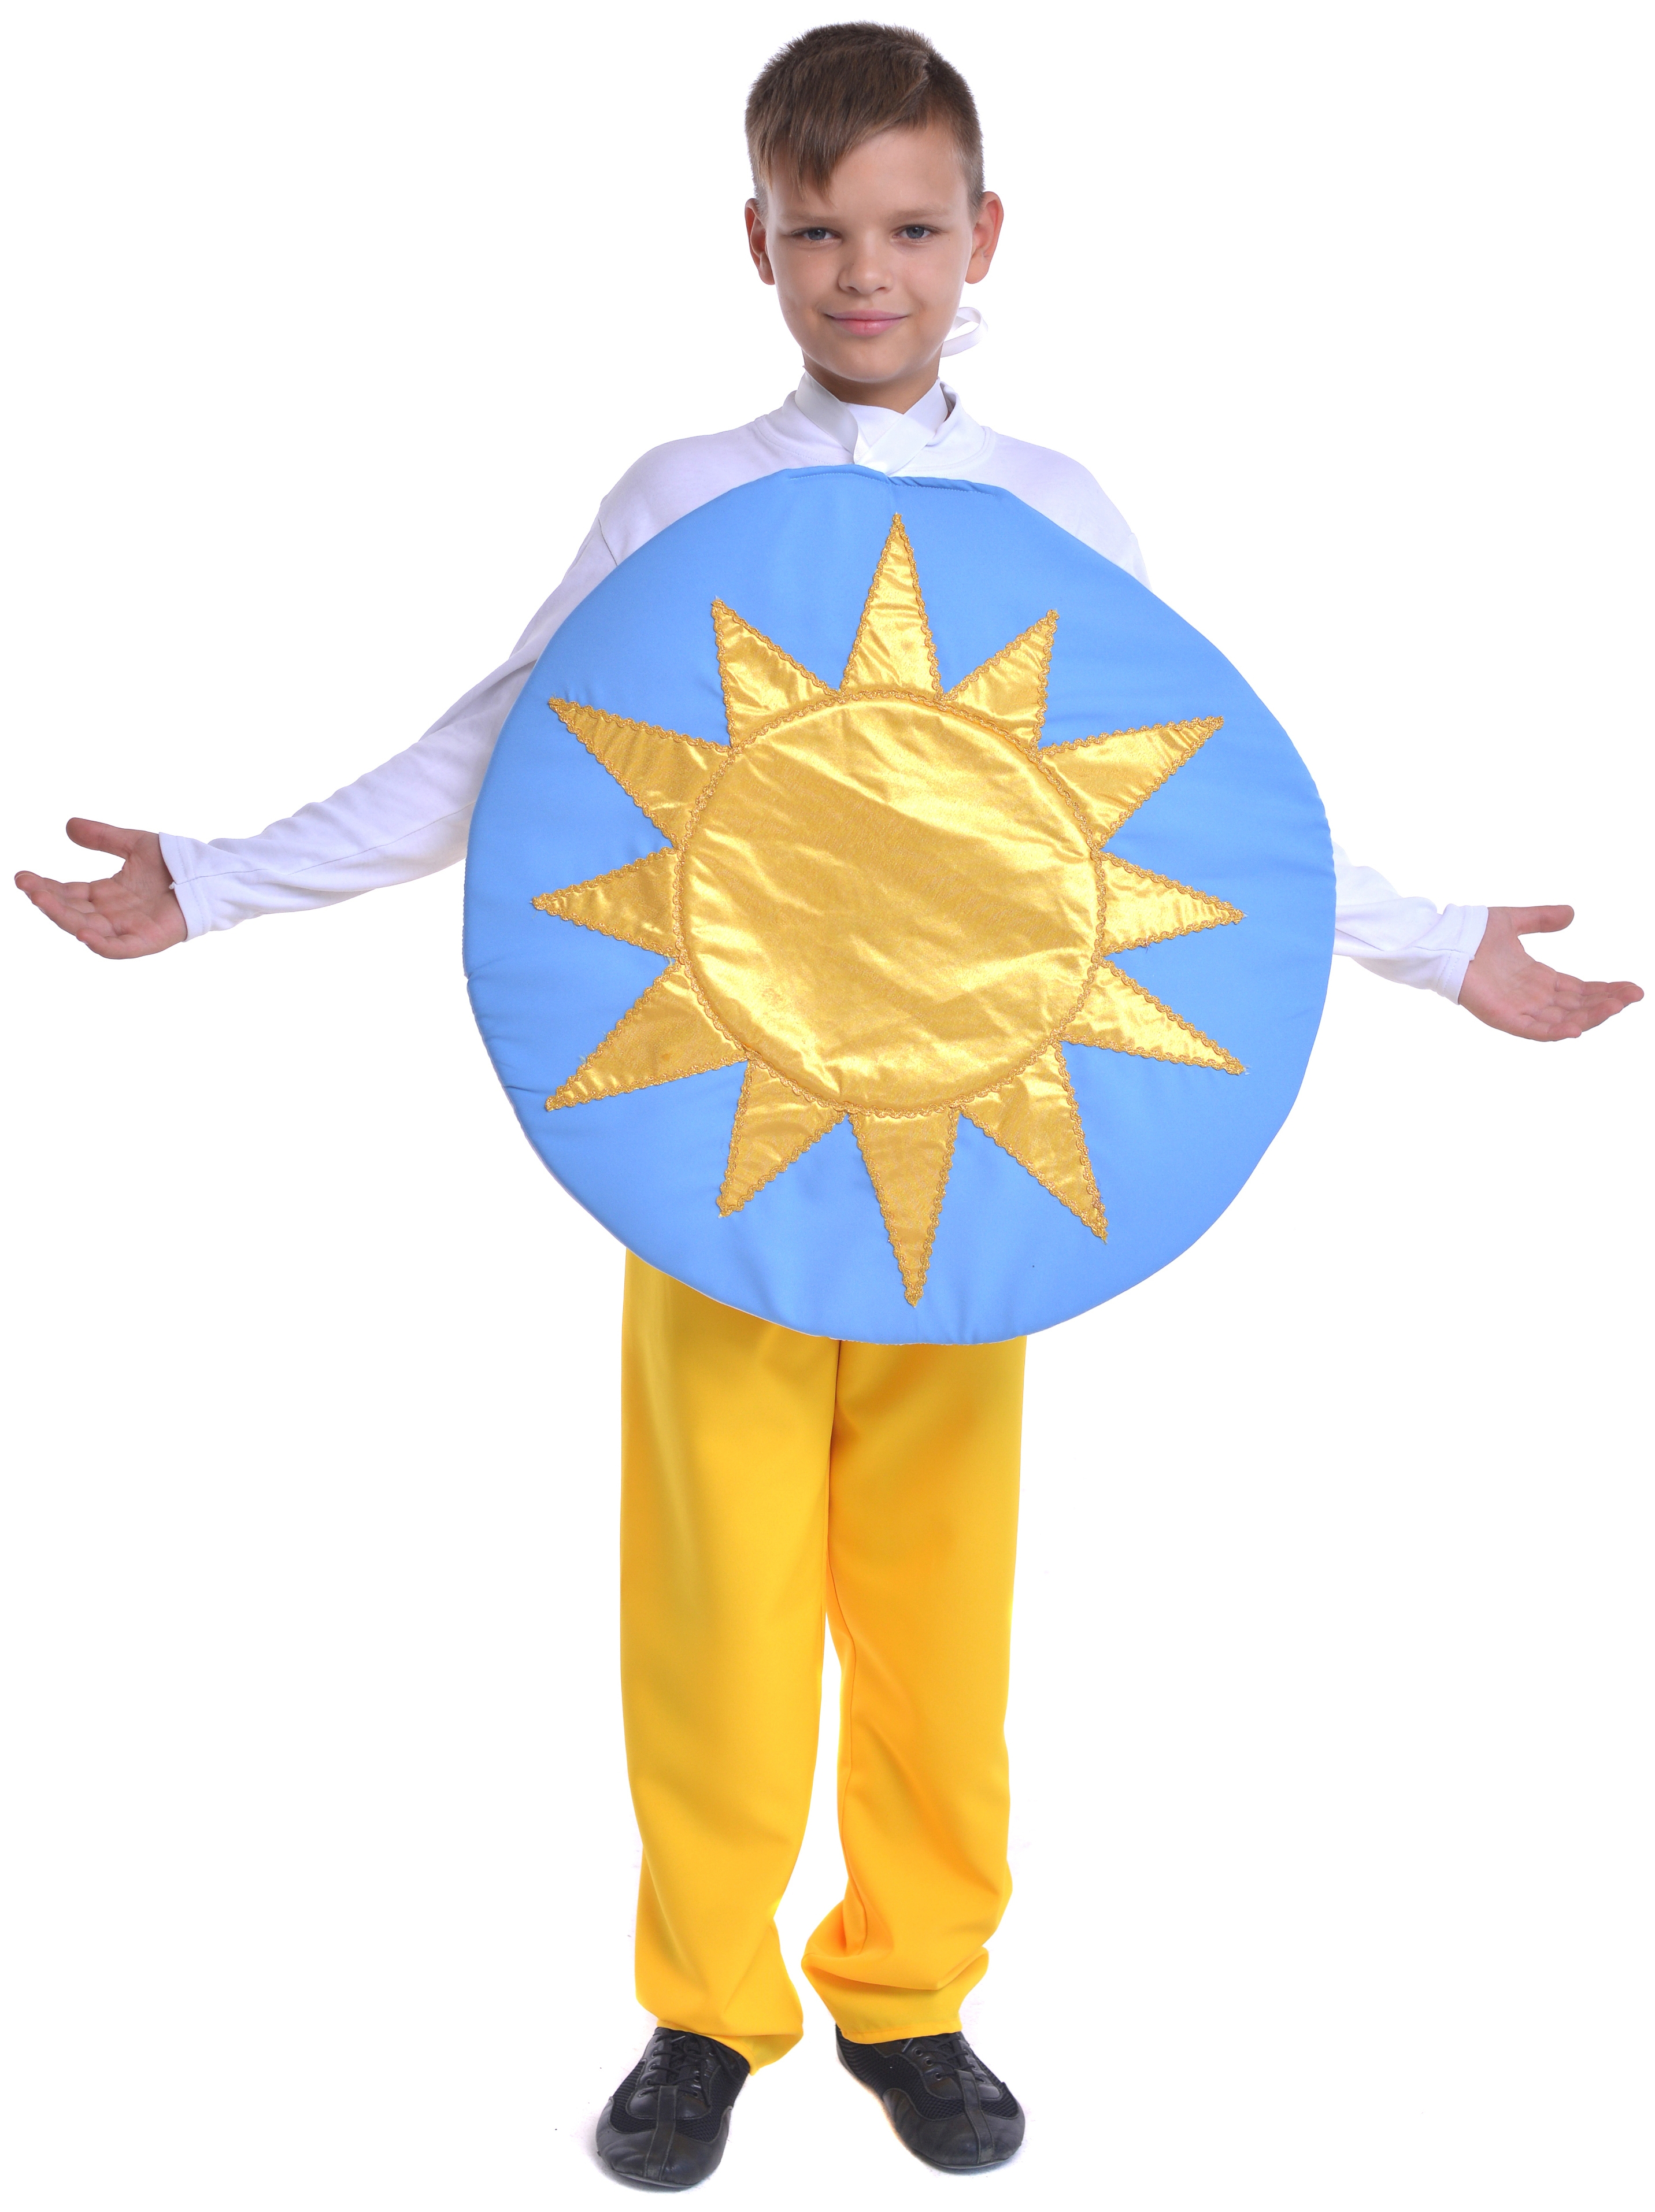 Ролевая декорация Солнышко (UNI) -  Остальные костюмы